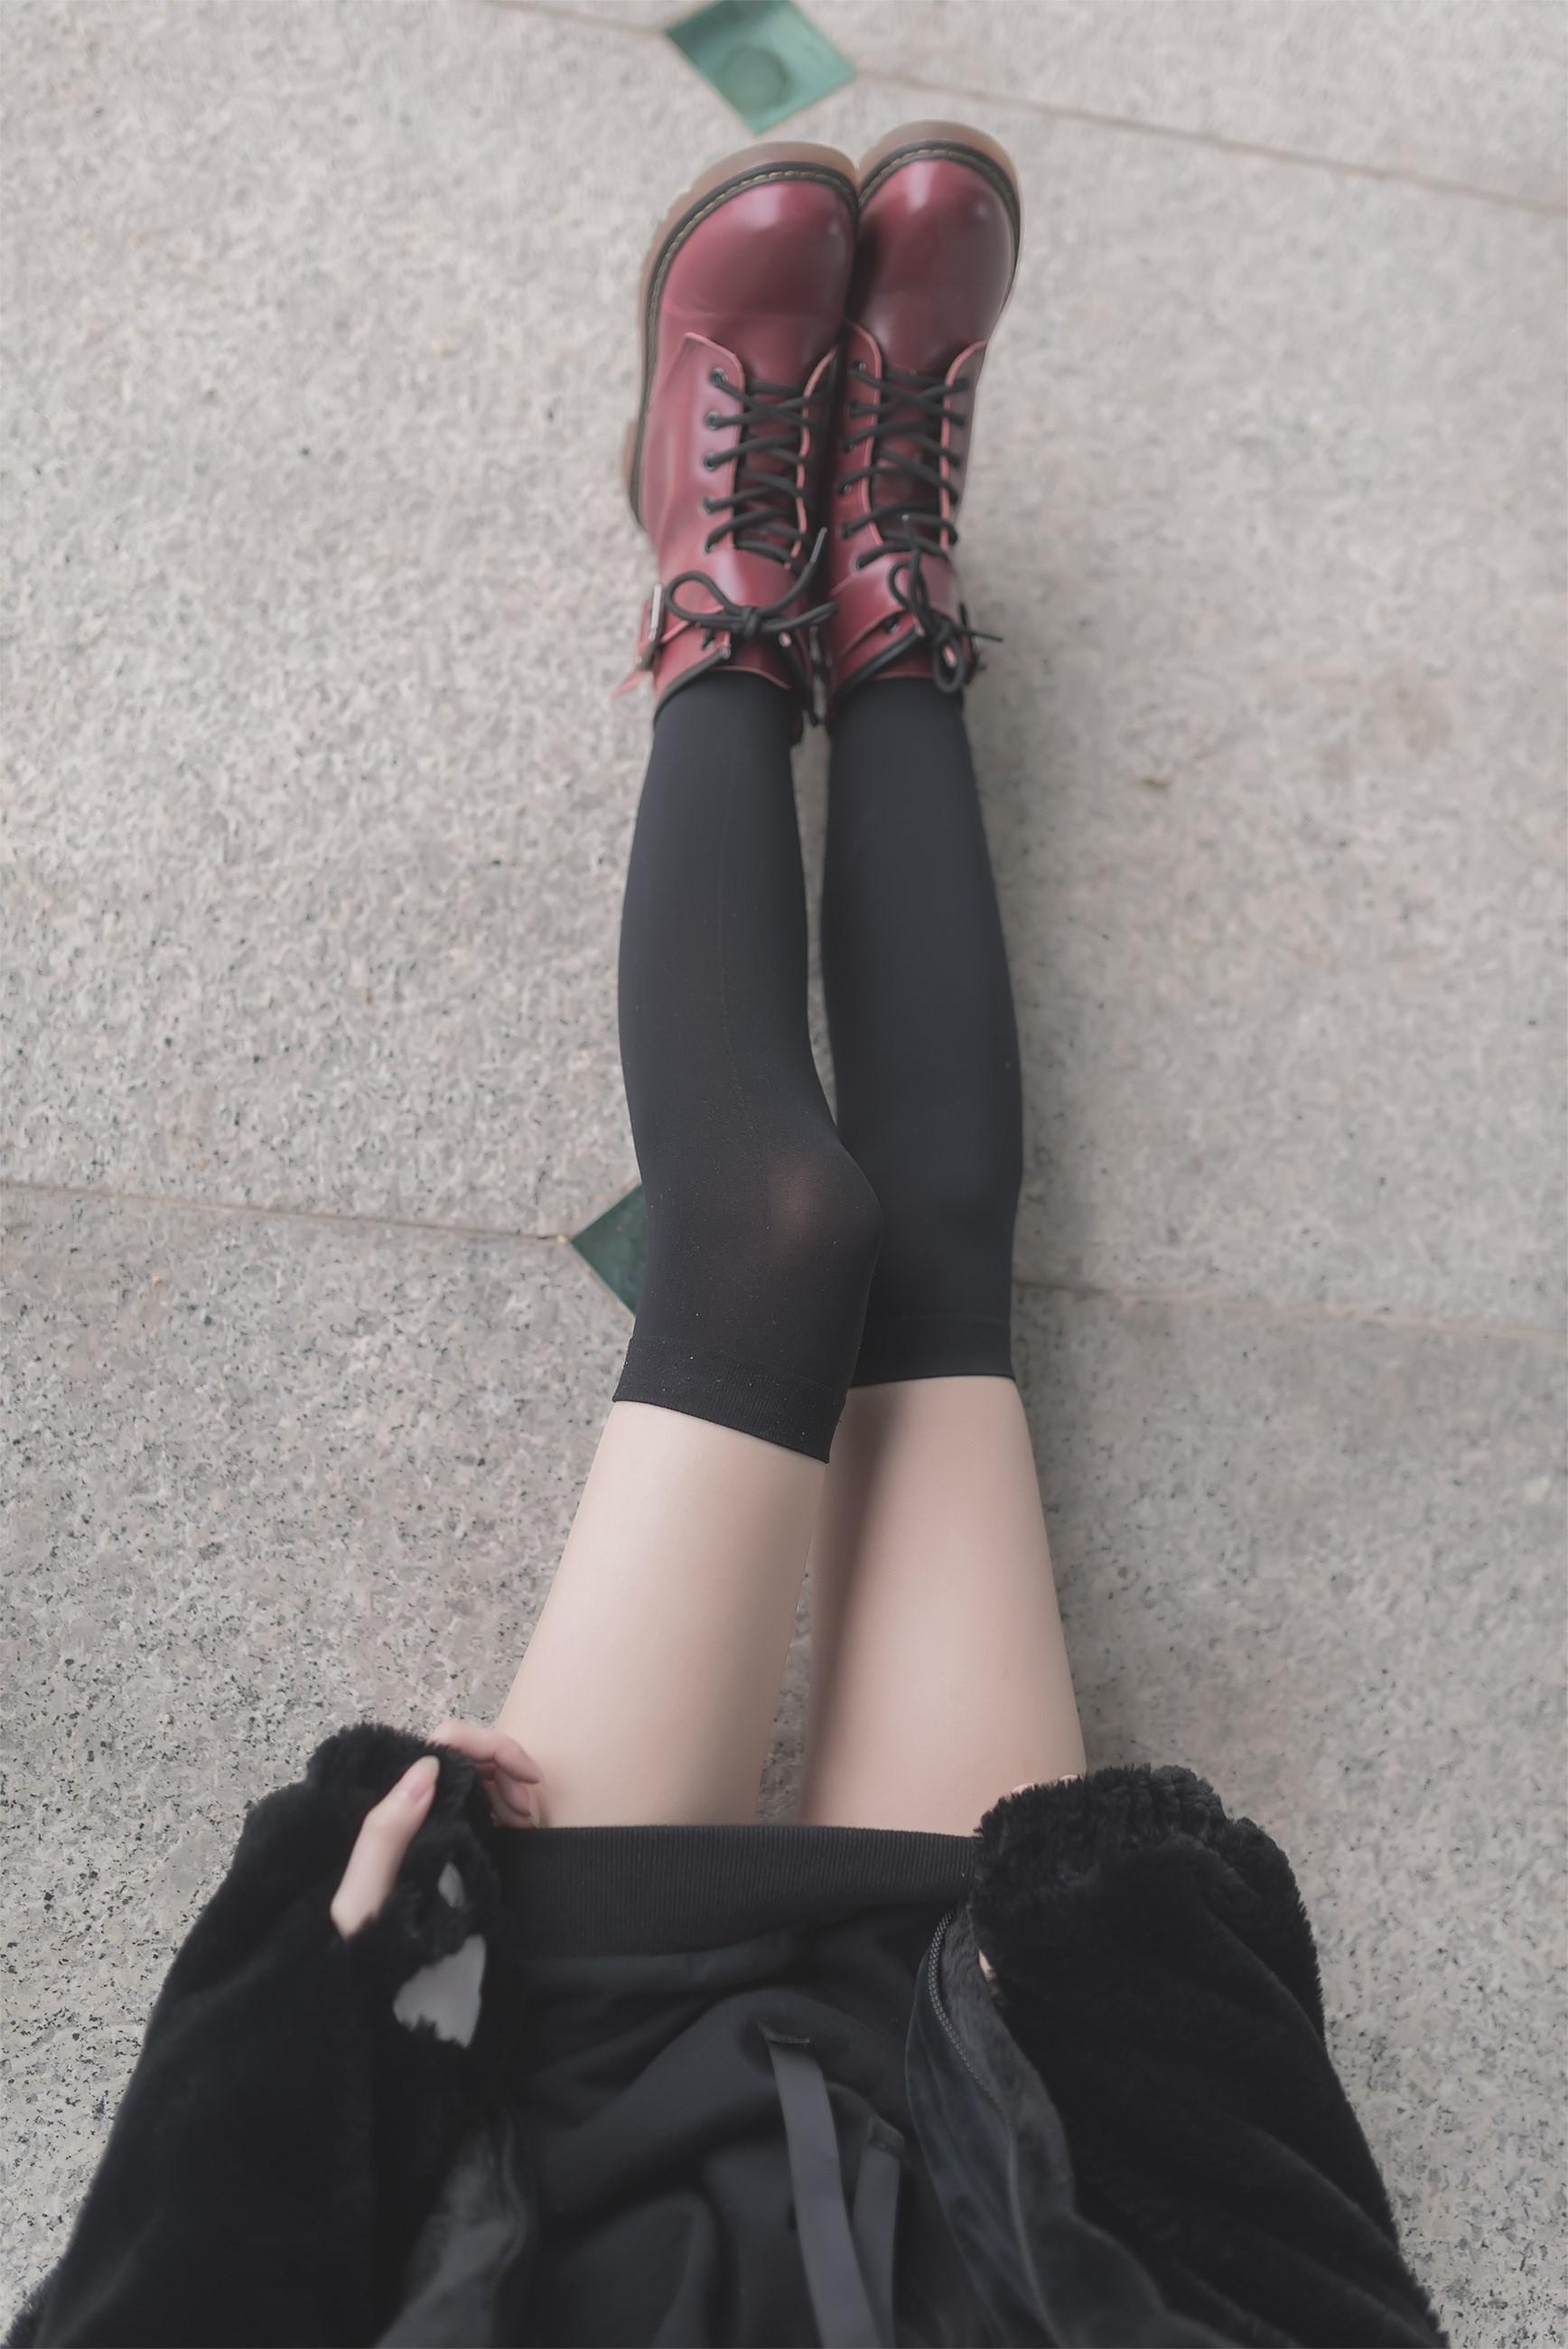 【兔玩映画】令人羡慕的小细腿 兔玩映画 第1张